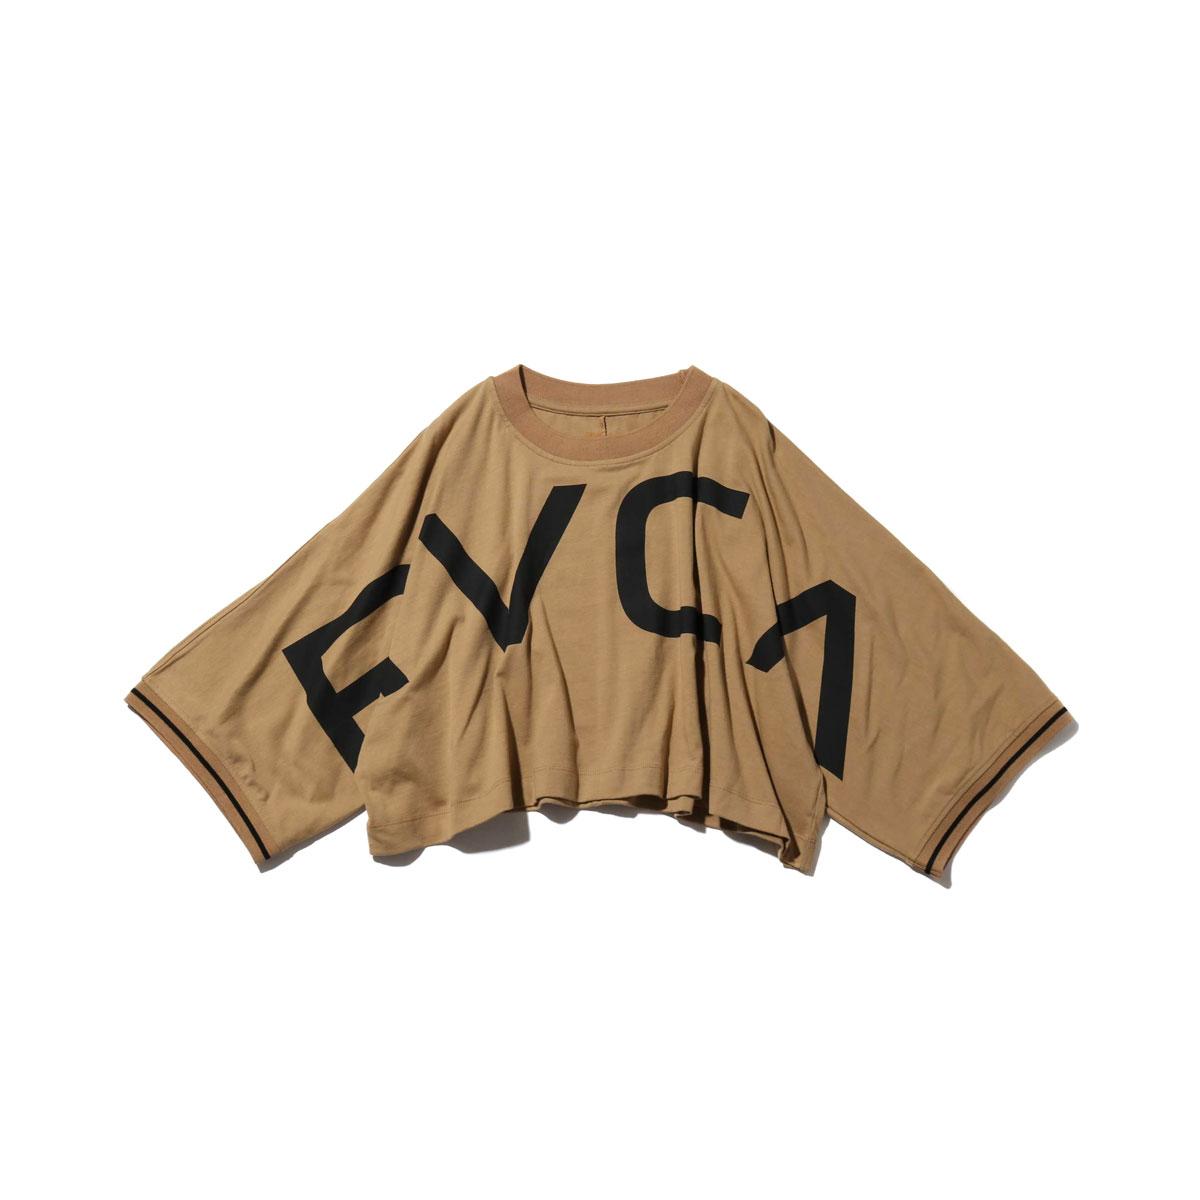 RVCA OVER RVCA LS TEE (ルーカ オーバー ルーカ ロングスリーブ) BEIGE【レディース Tシャツ】18HO-I